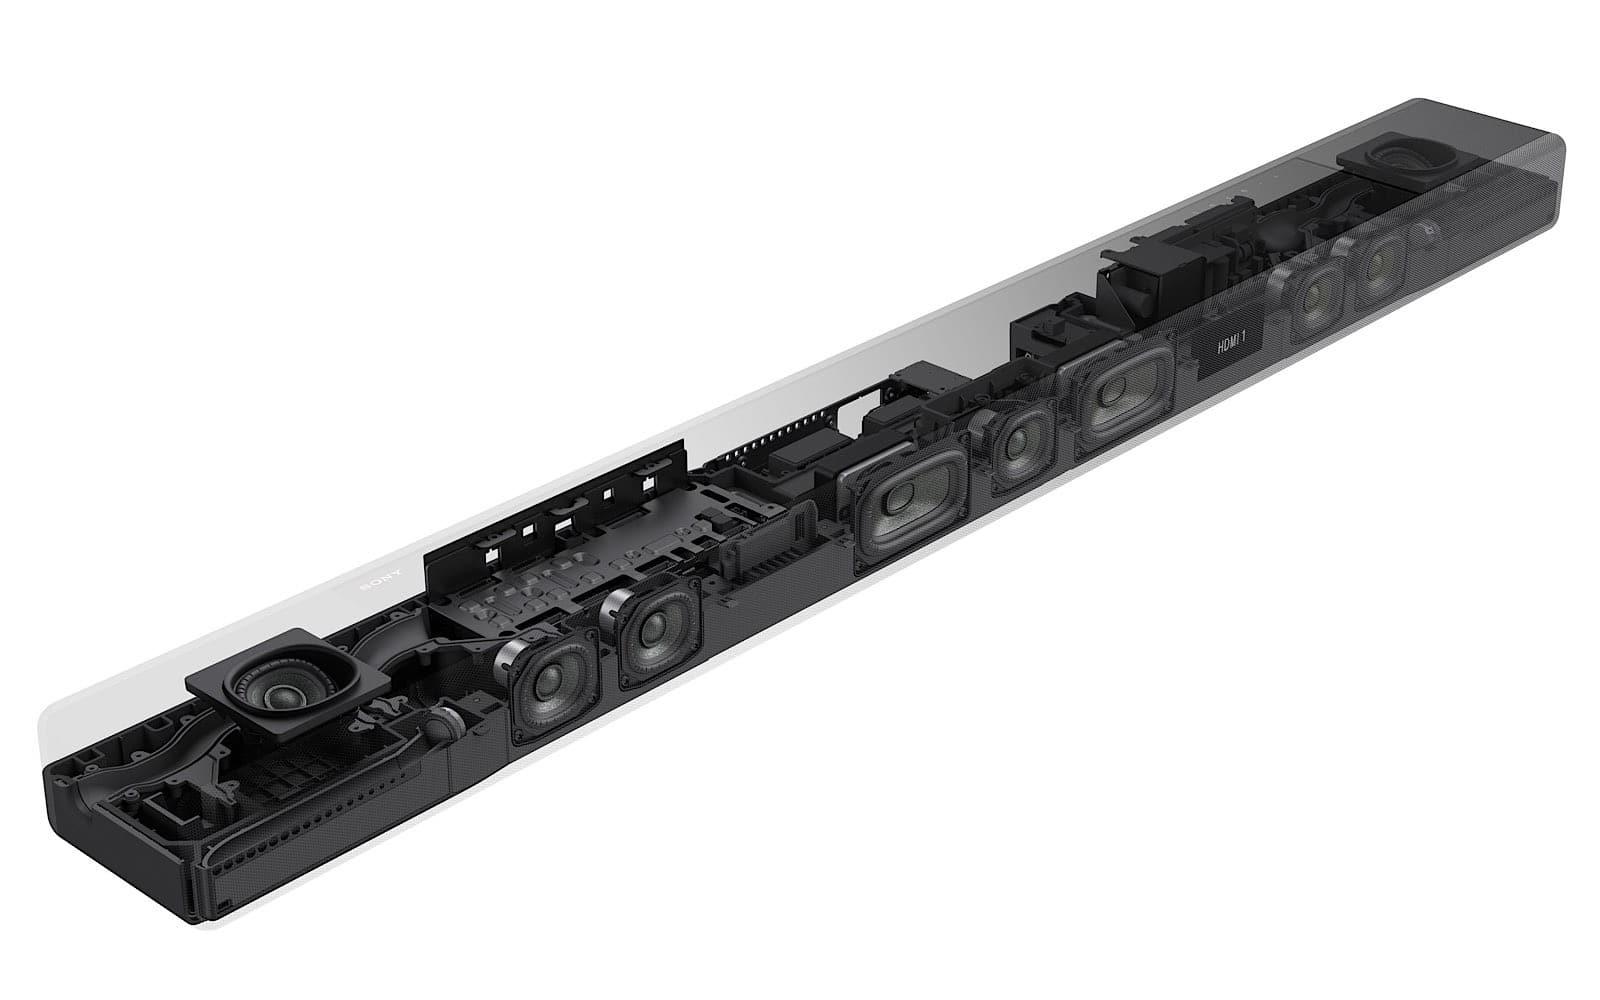 Sony HT-A7000 7.1.2 soundbar